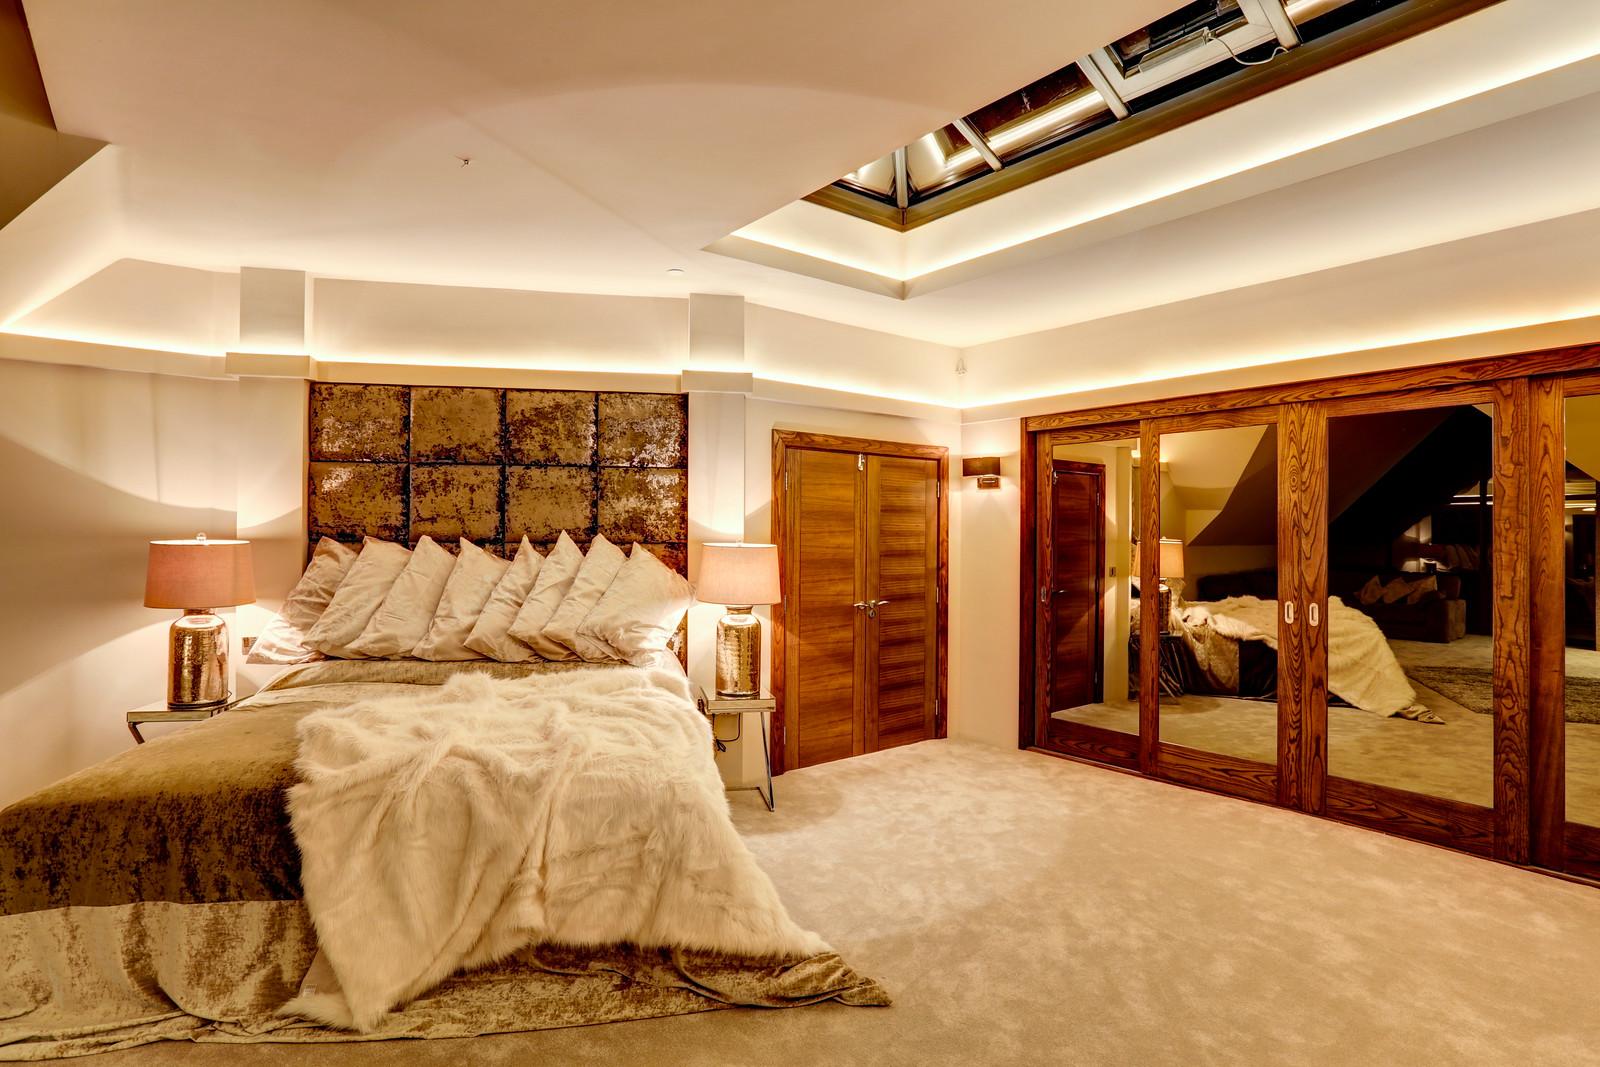 Roof light in bedroom suite, Tanglewood Colston Bassett by Guy Phoenix